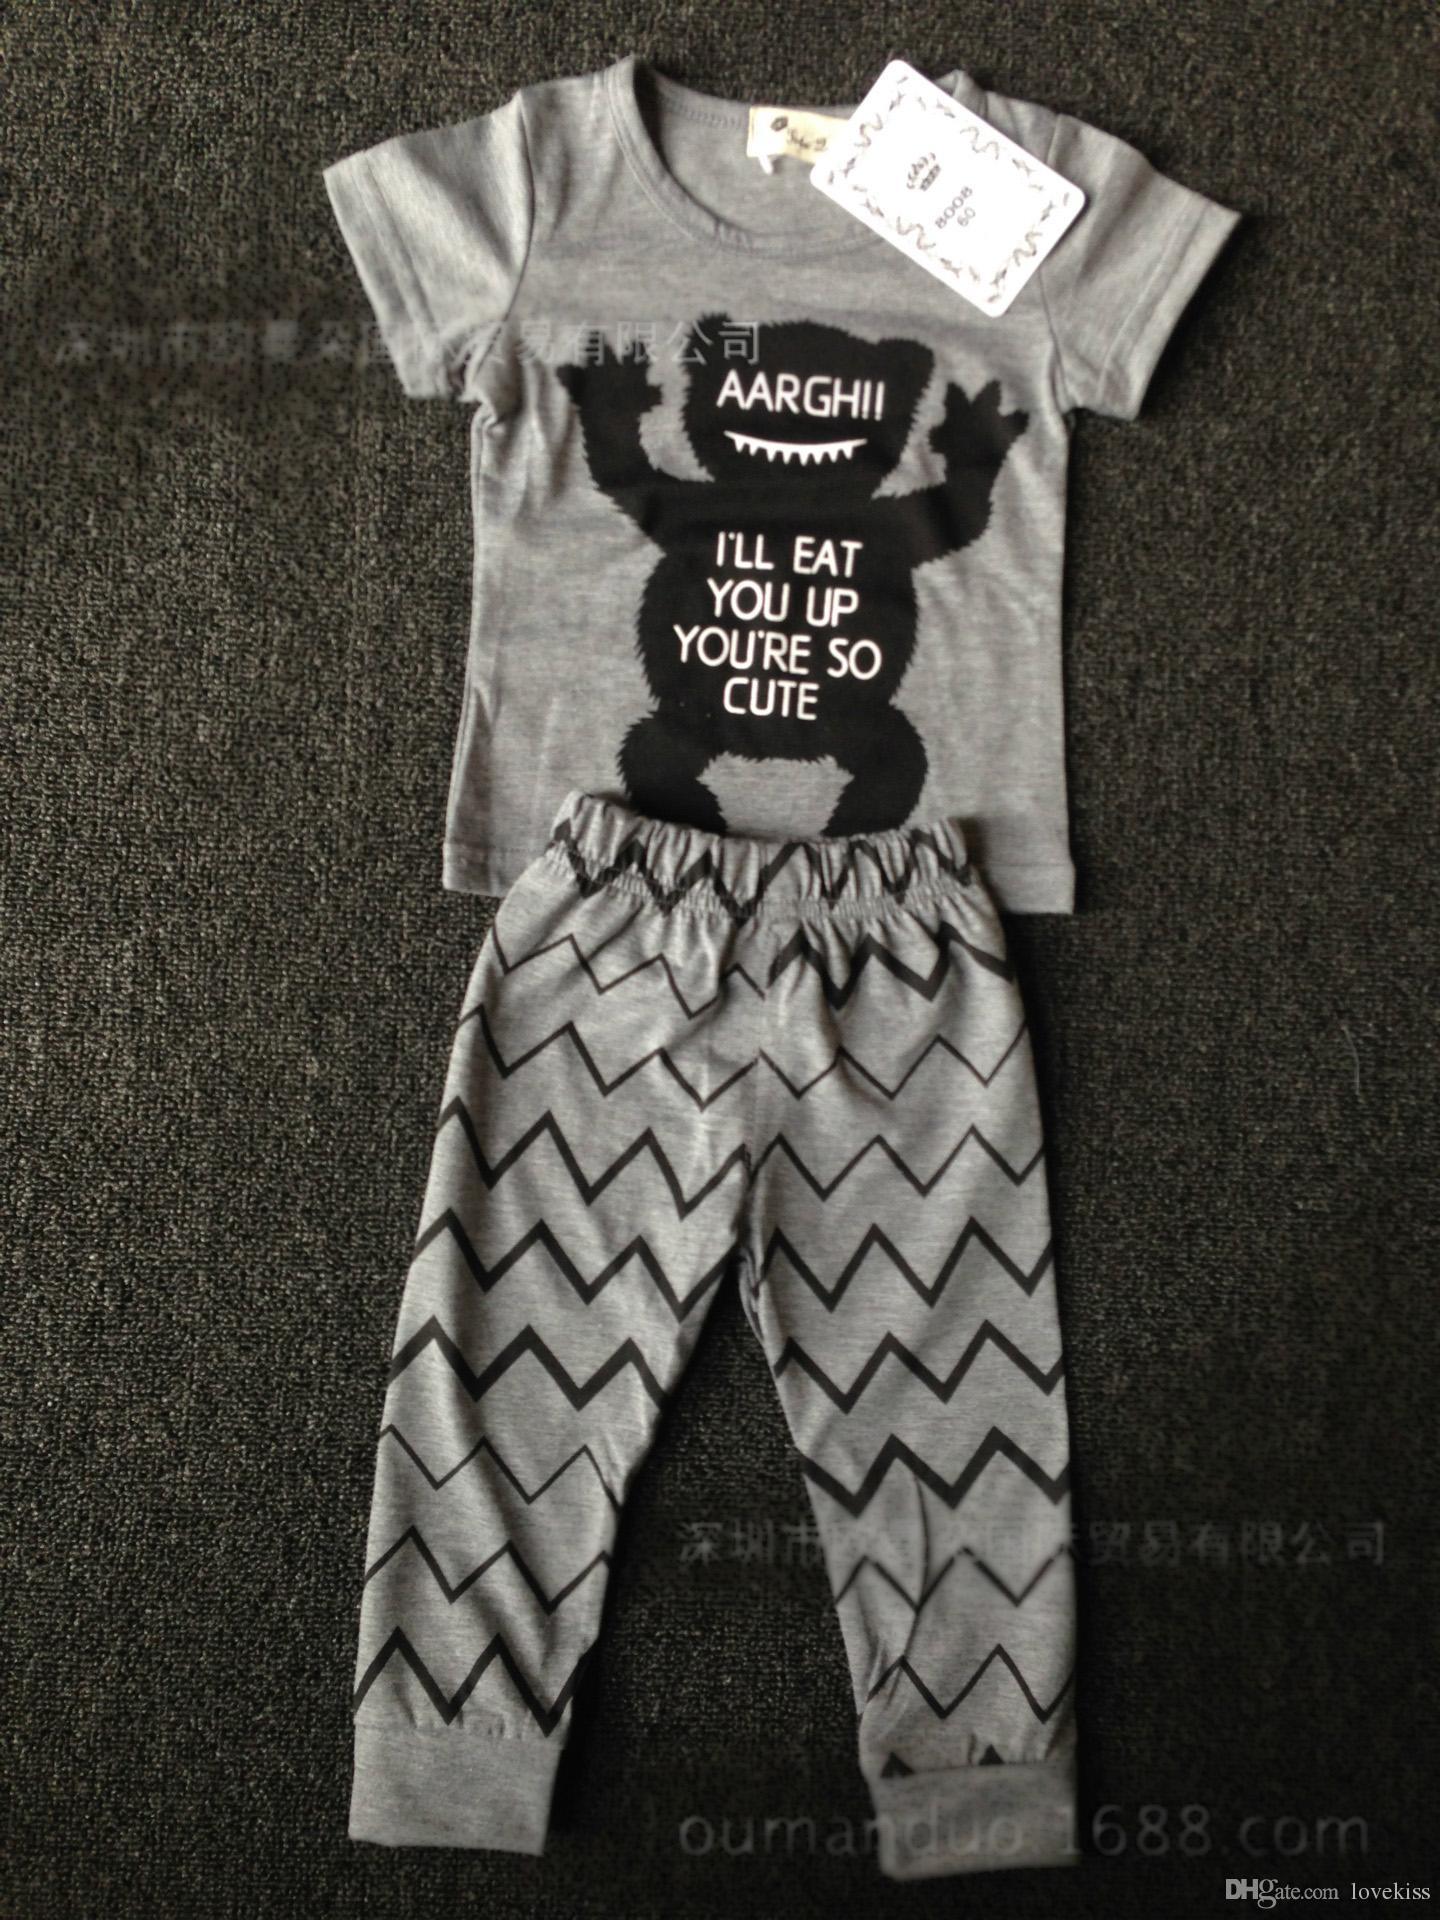 2018 Sommerart-Säuglingskleidungsbabykleidung stellt Baumwollkleine Monsterkurzschlusshülse Klagebaby-Kindkleidung LH16 ein